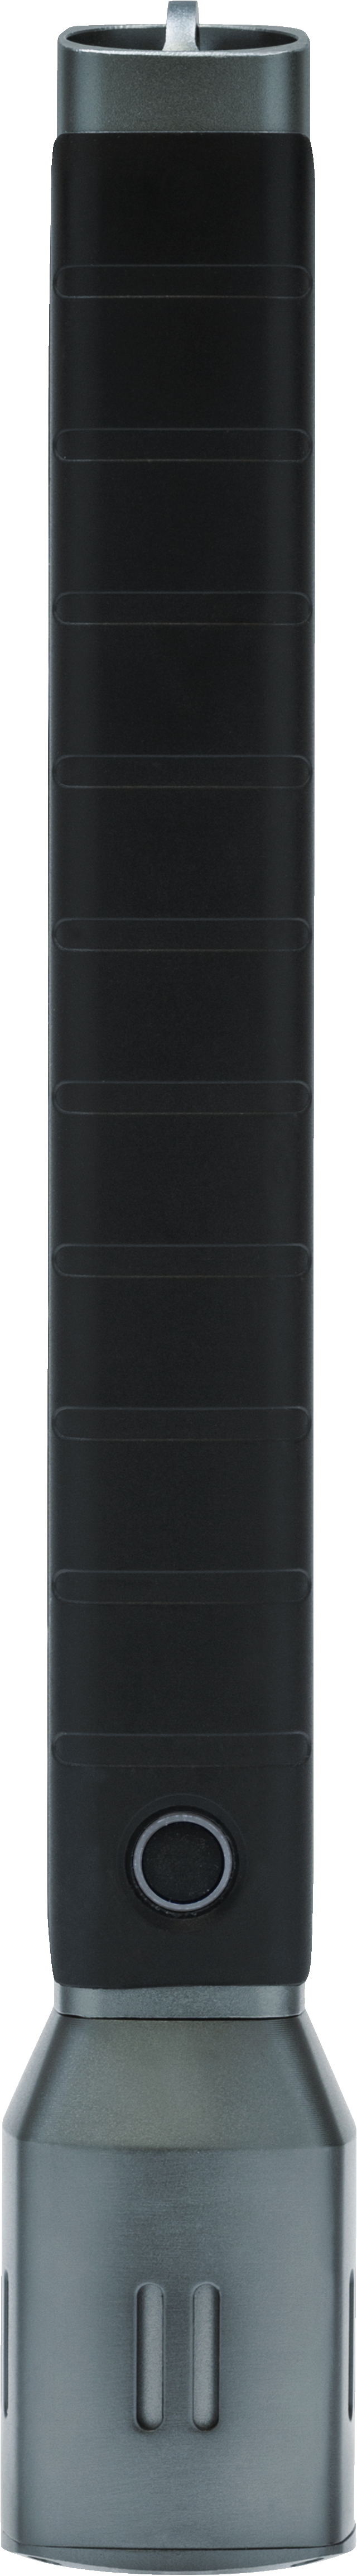 Taschenlampe TL-530